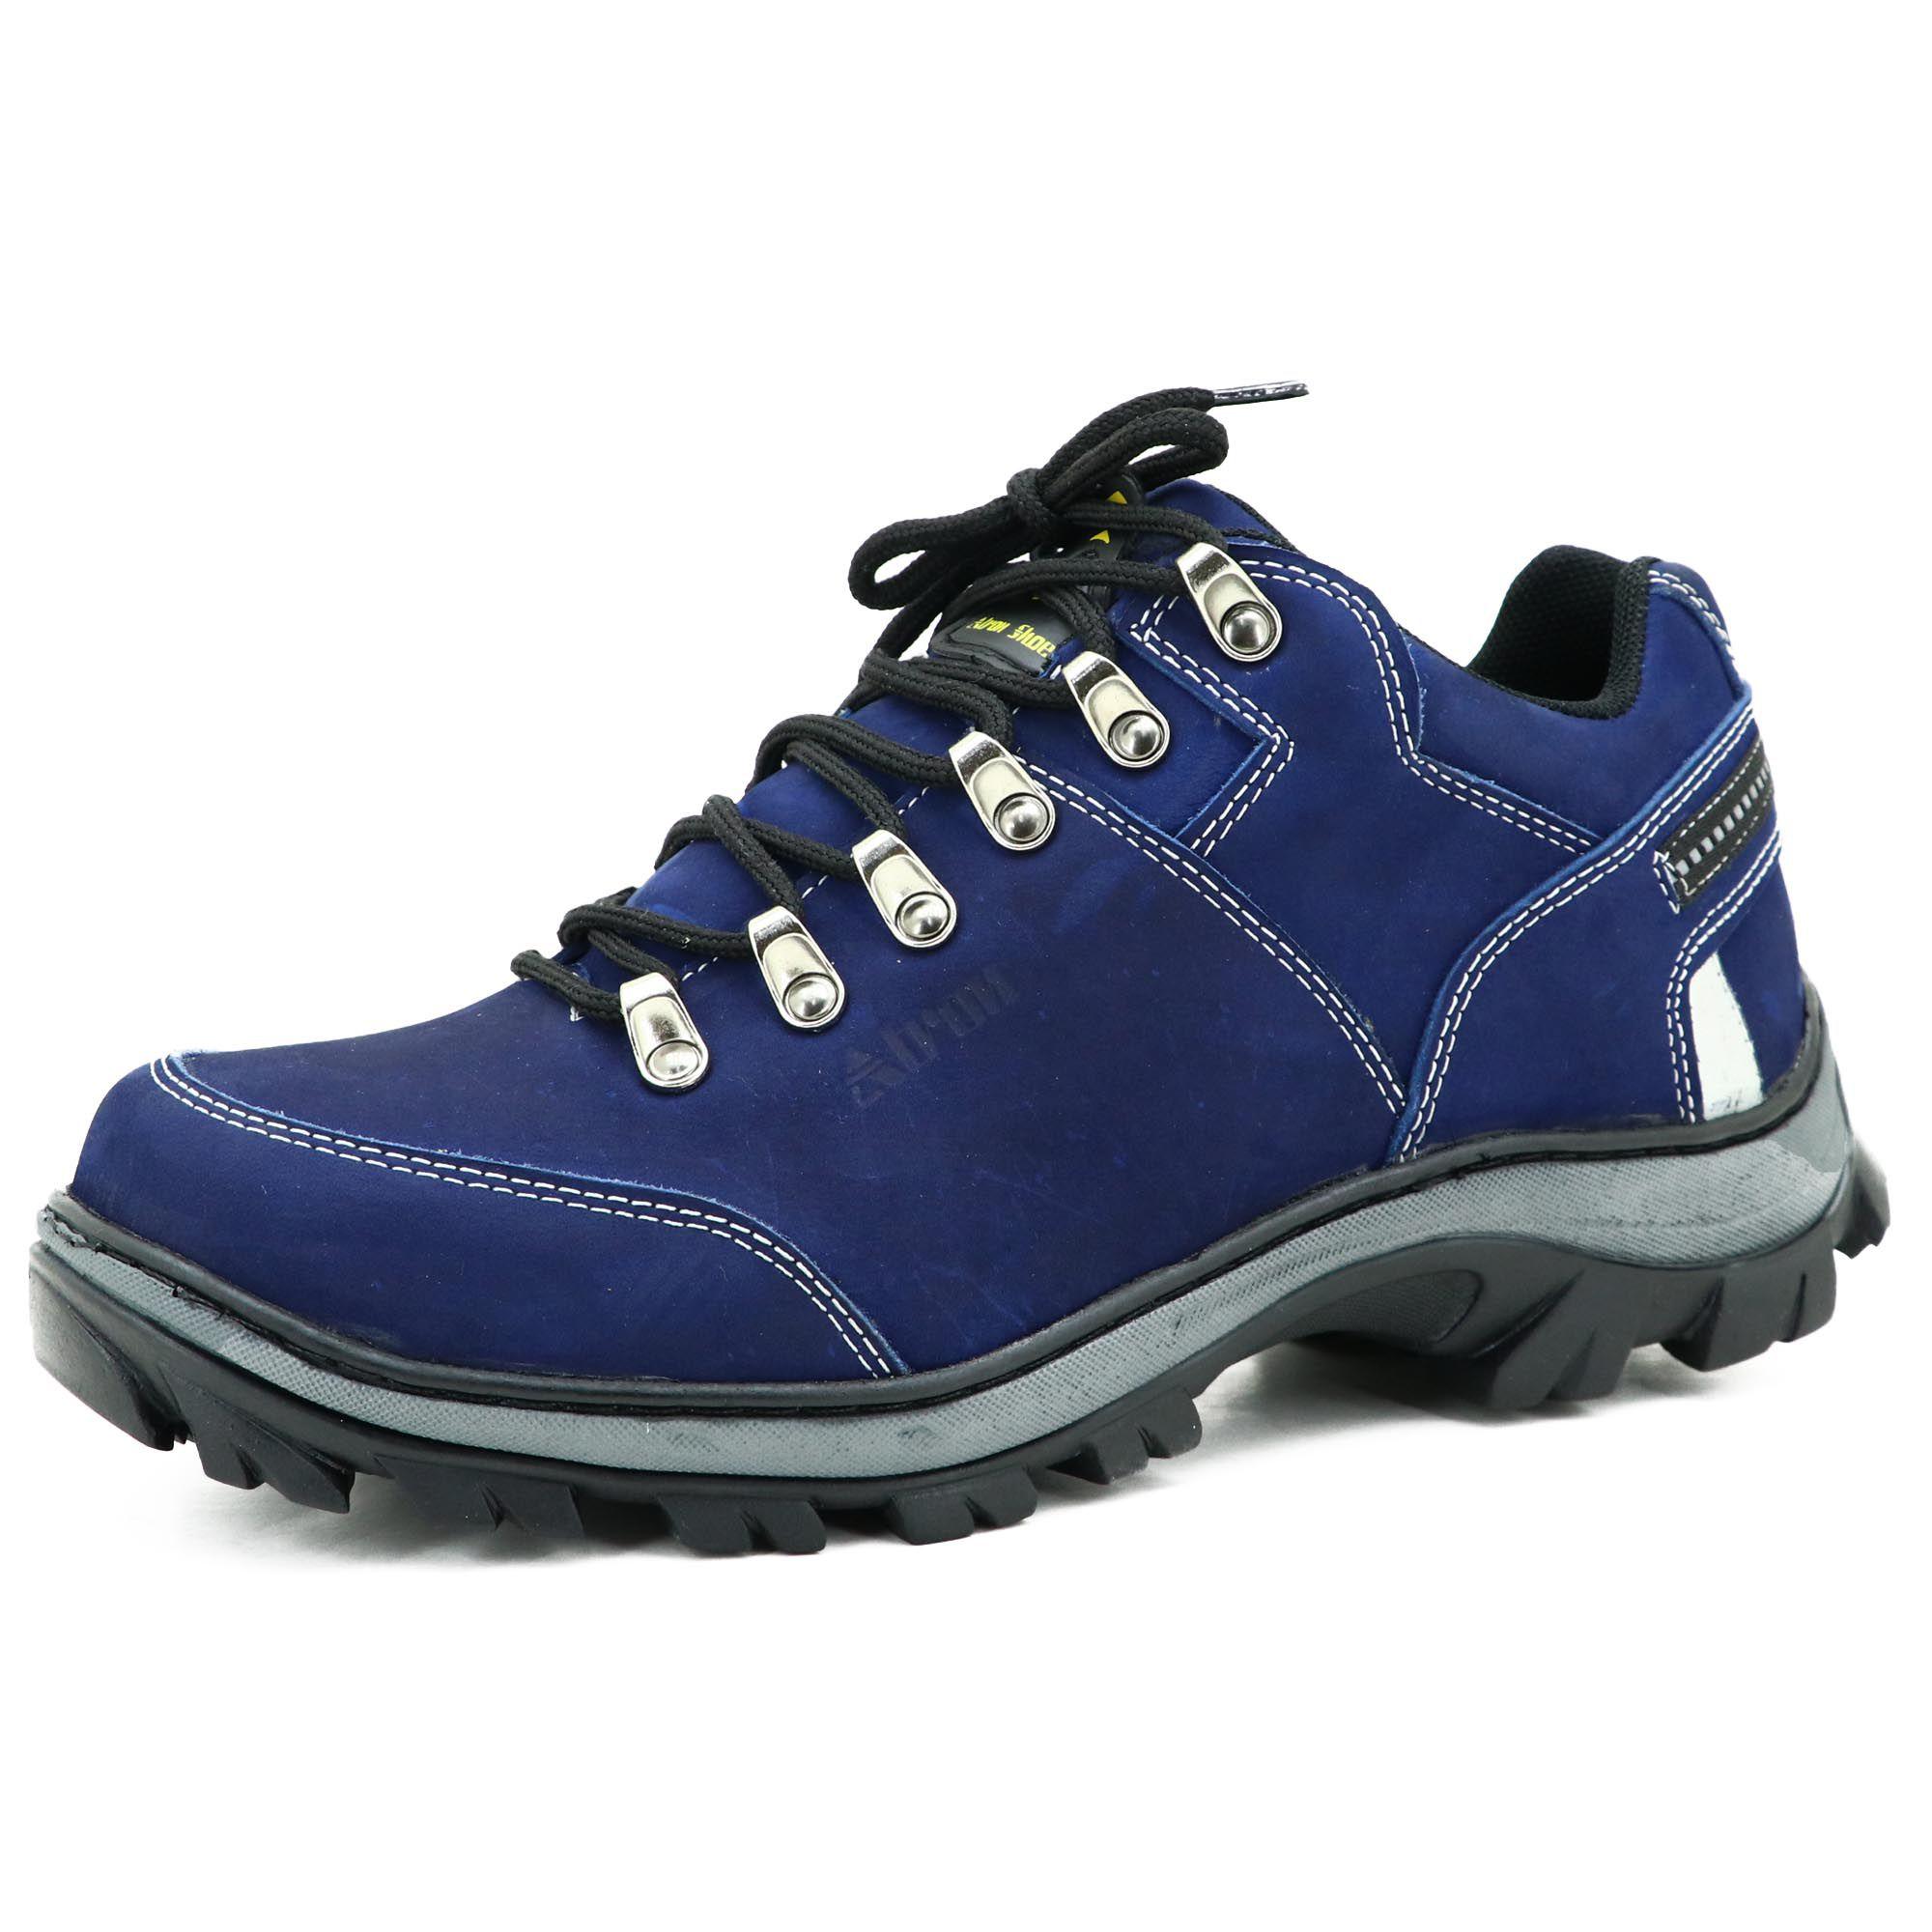 Tênis Adventure para trilha em couro na cor azul 269